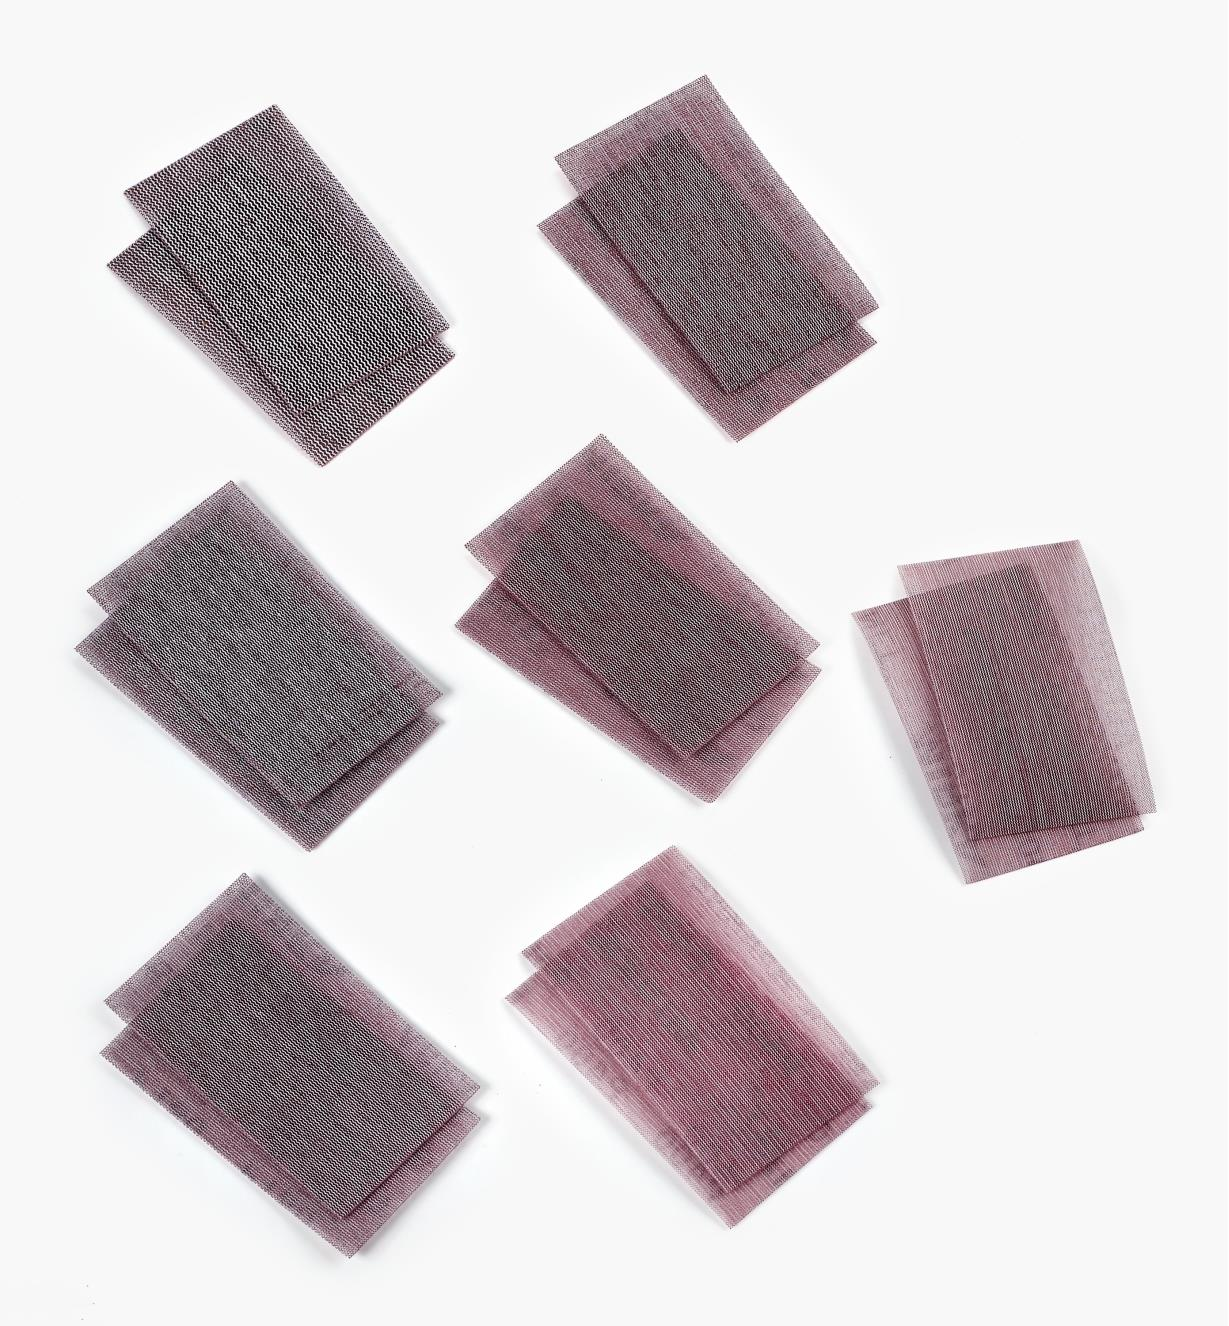 55K9391 - 14-Pc. Sampler, Abranet Sheets (80x-600x)